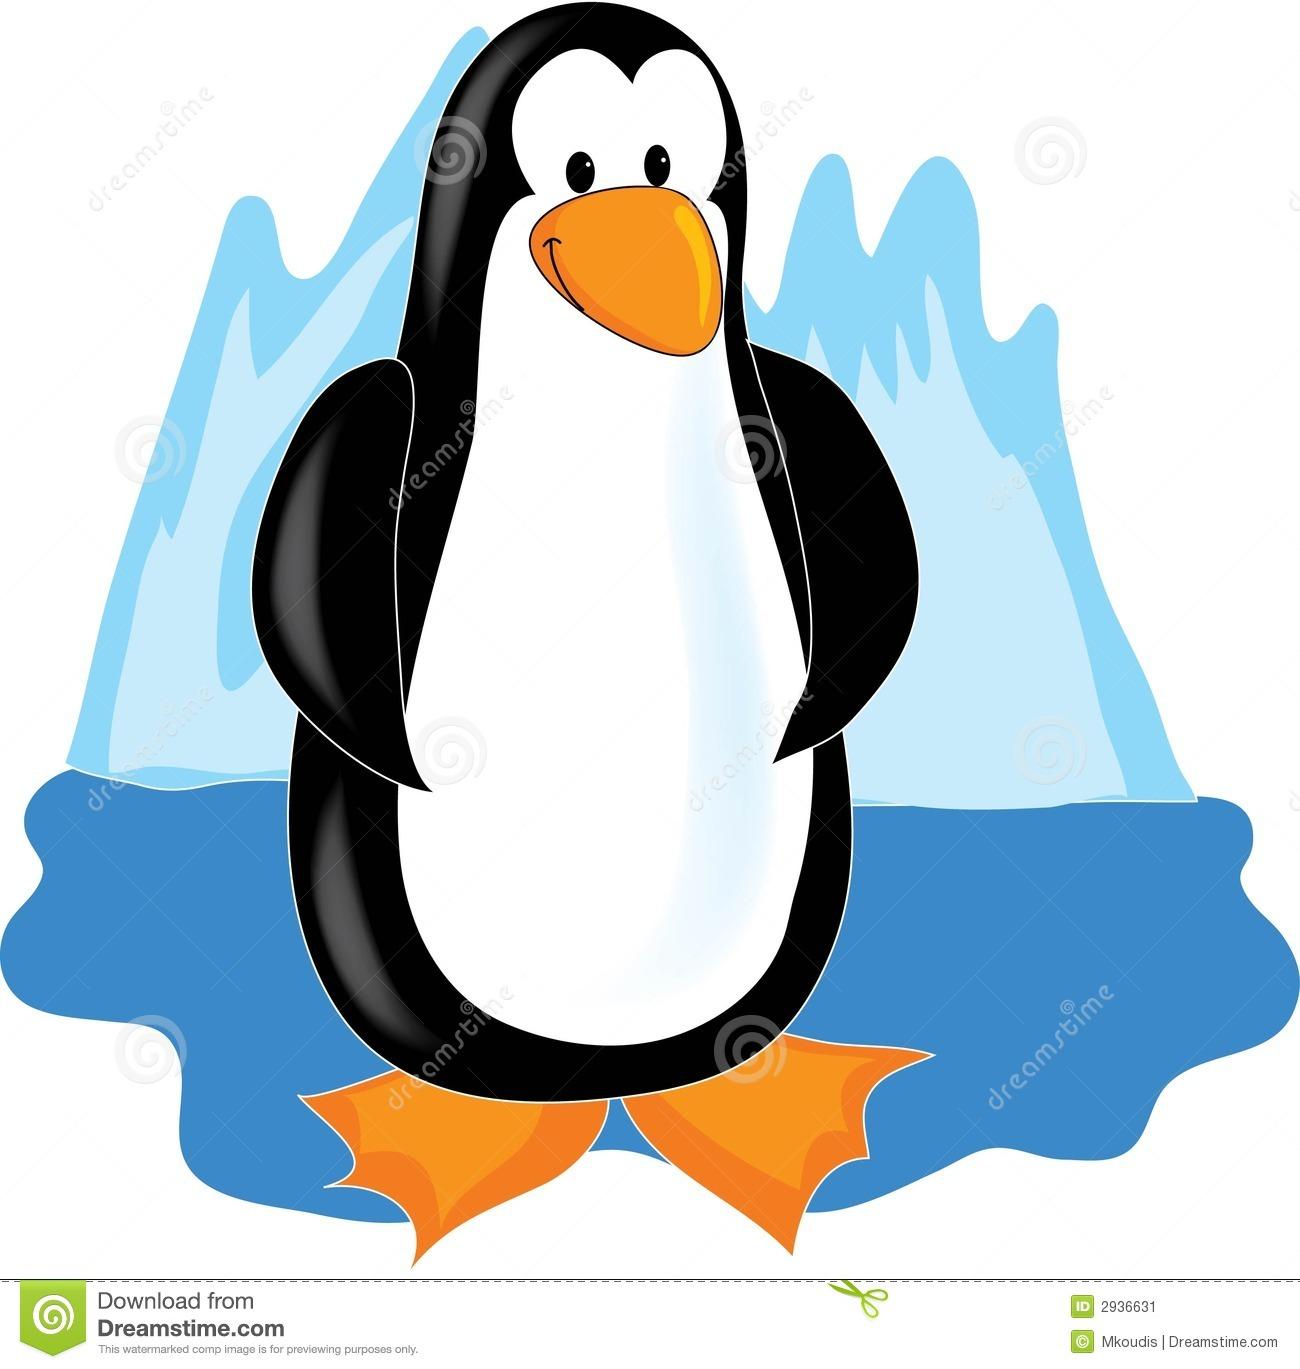 Antartica clipart png 7+ Antarctica Clipart | ClipartLook png